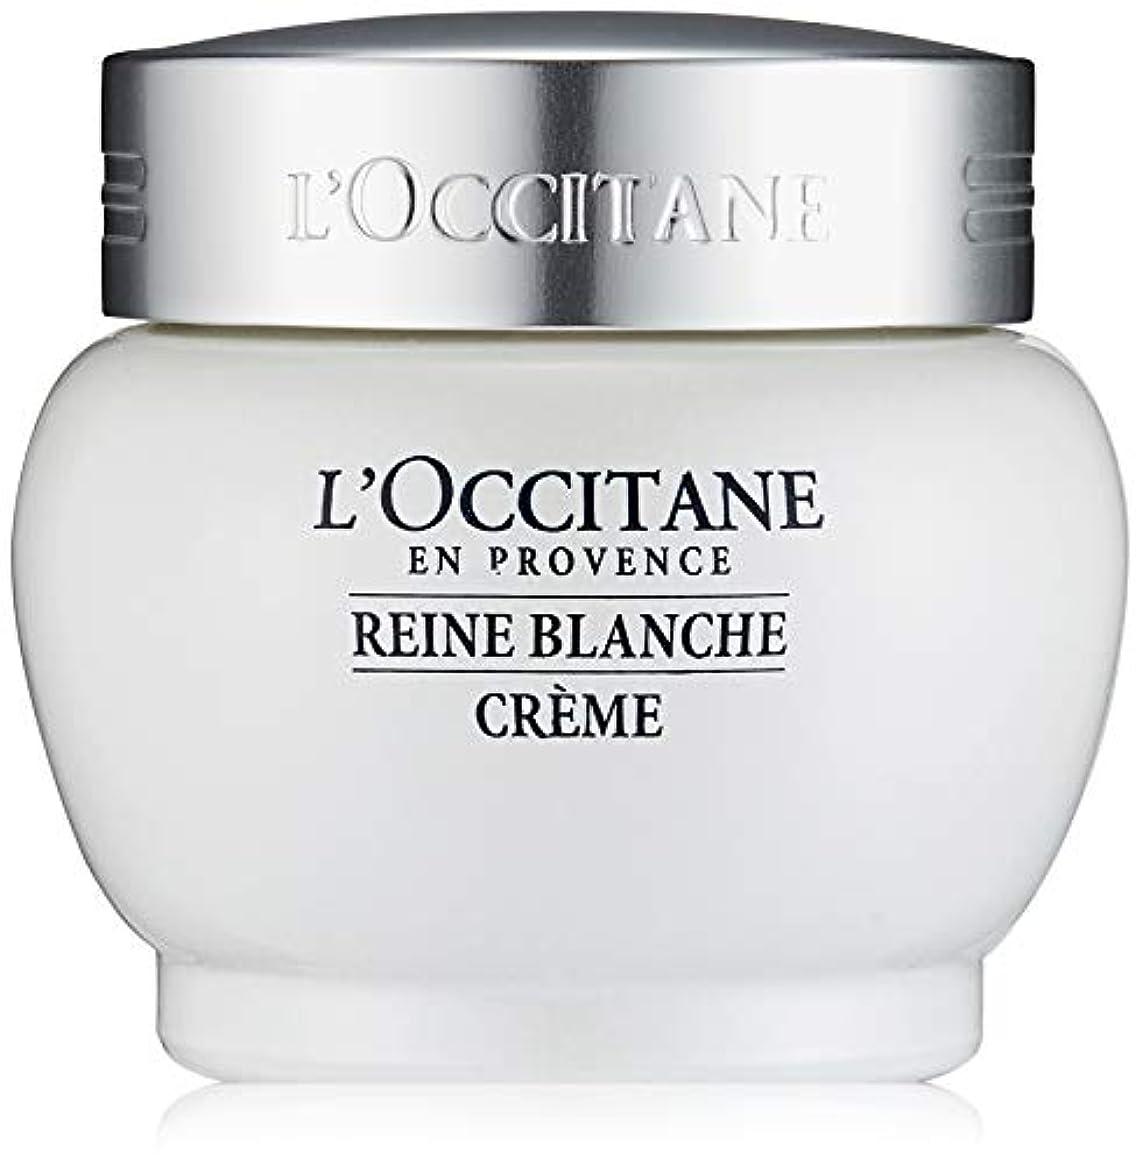 シュガー体系的にはっきりしないロクシタン(L'OCCITANE) レーヌブランシュ ホワイトインフュージョンジェルクリーム 50ml